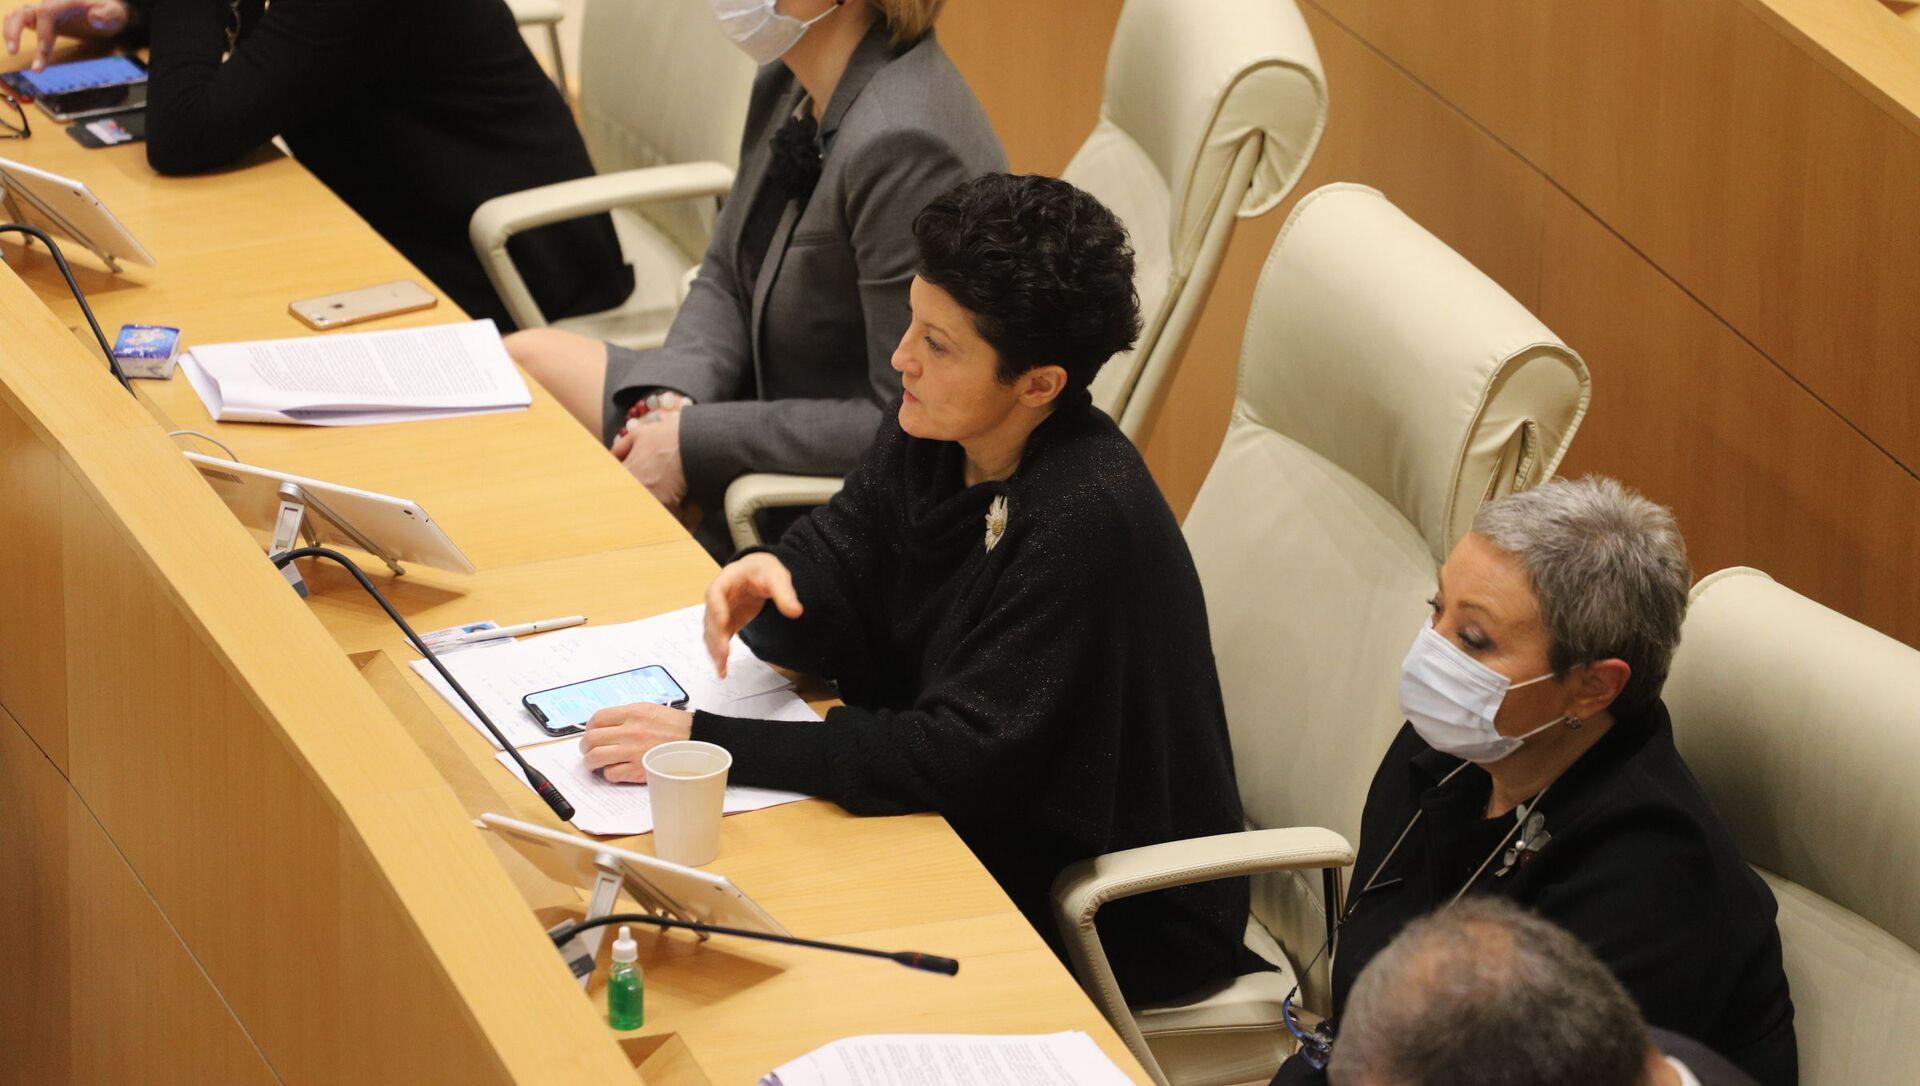 Депутаты. Заседание парламента Грузии 24 декабря 2020 год - Sputnik Грузия, 1920, 01.04.2021